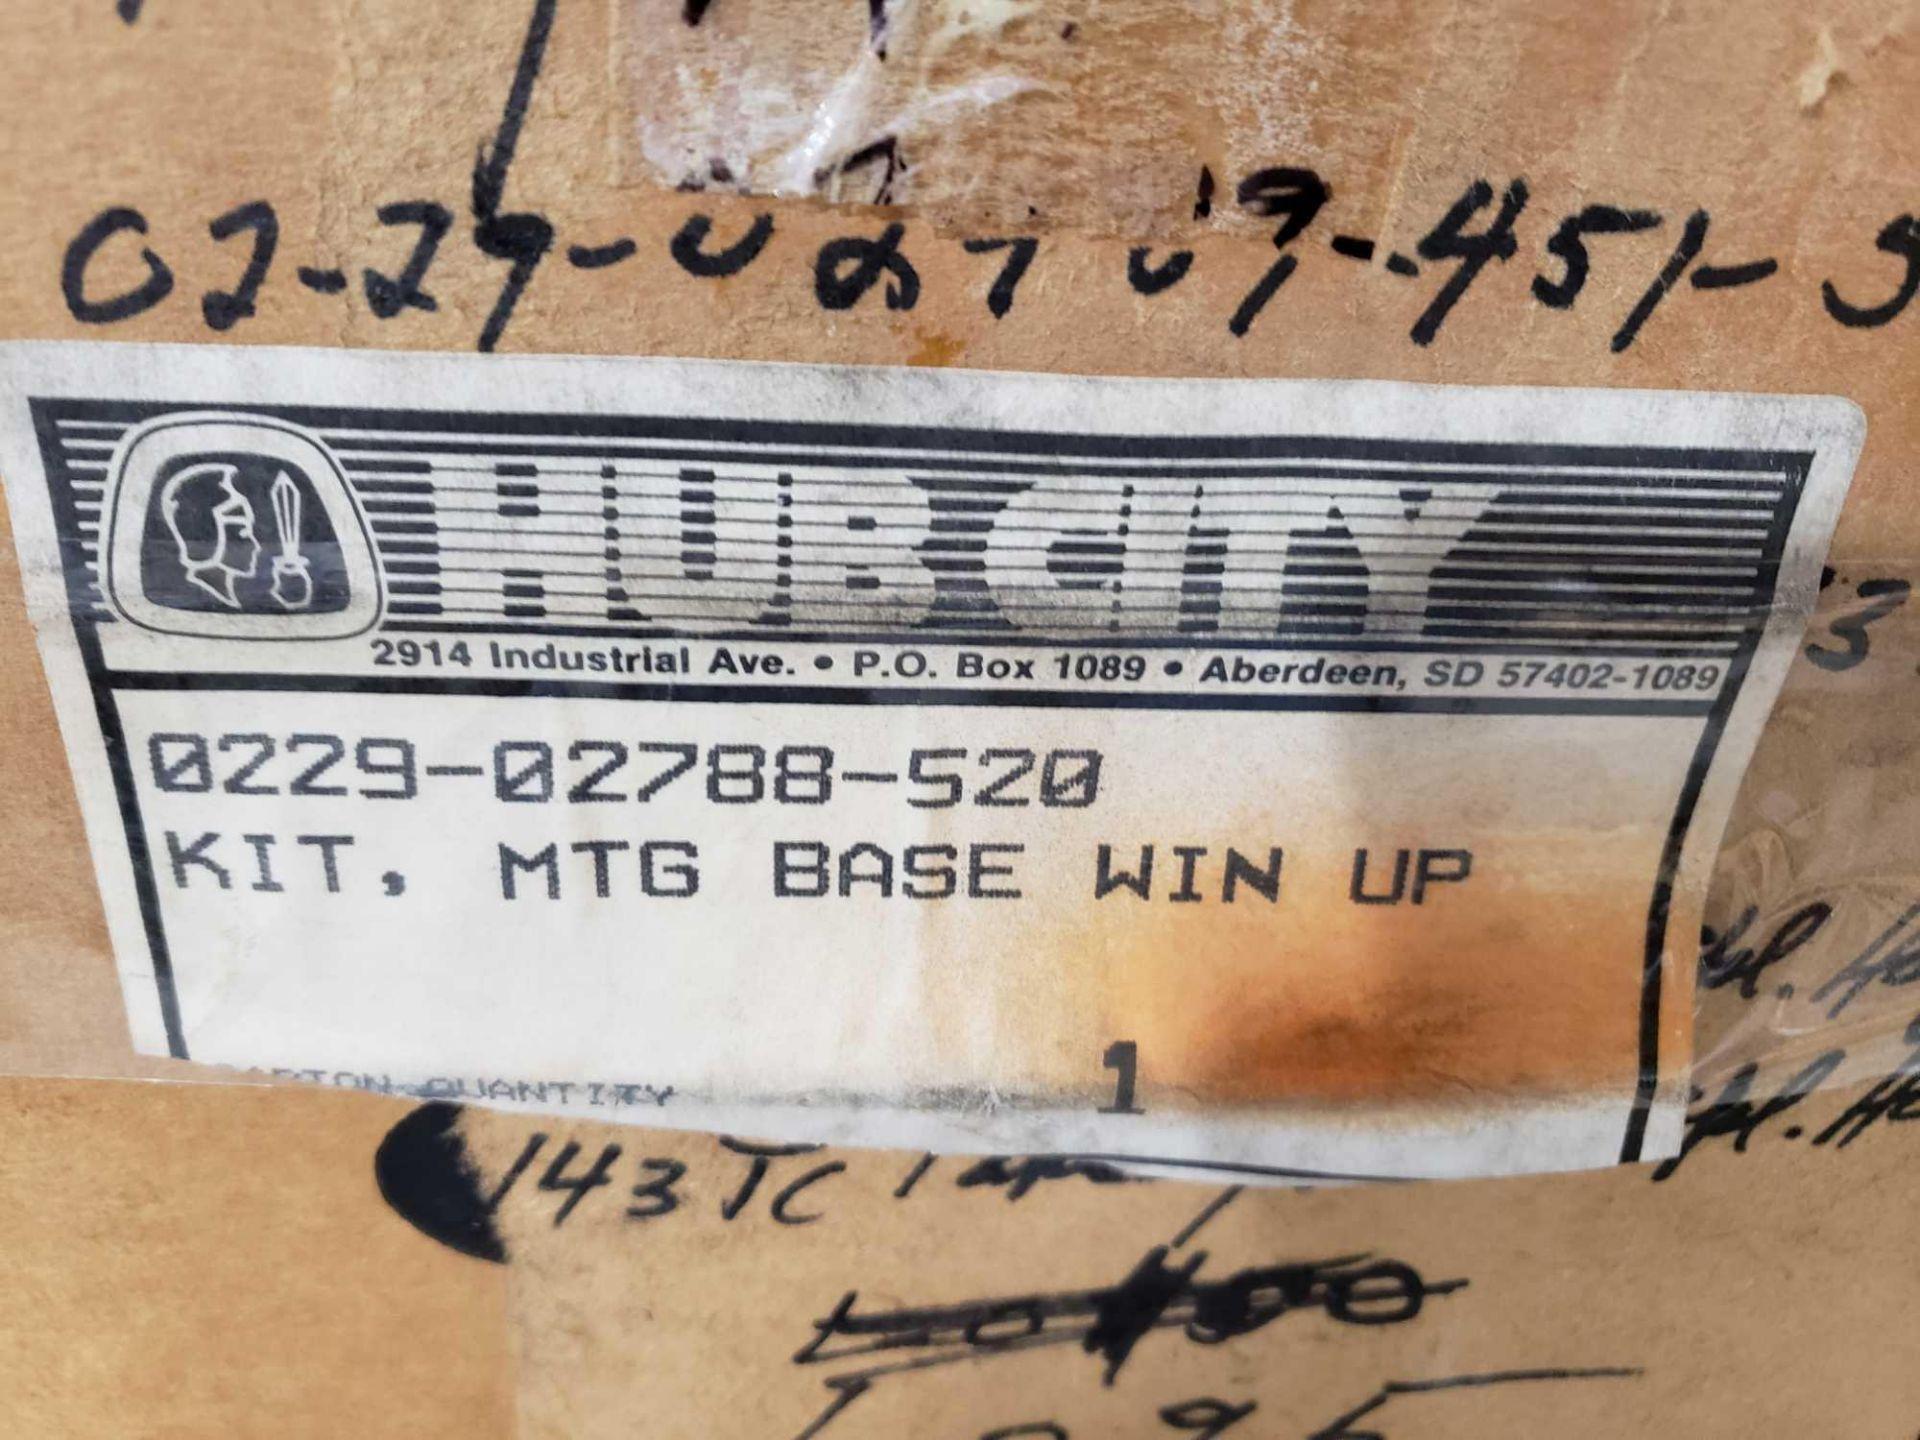 Lot 38 - Hub City model 0229-02788-520 kit. New in box.